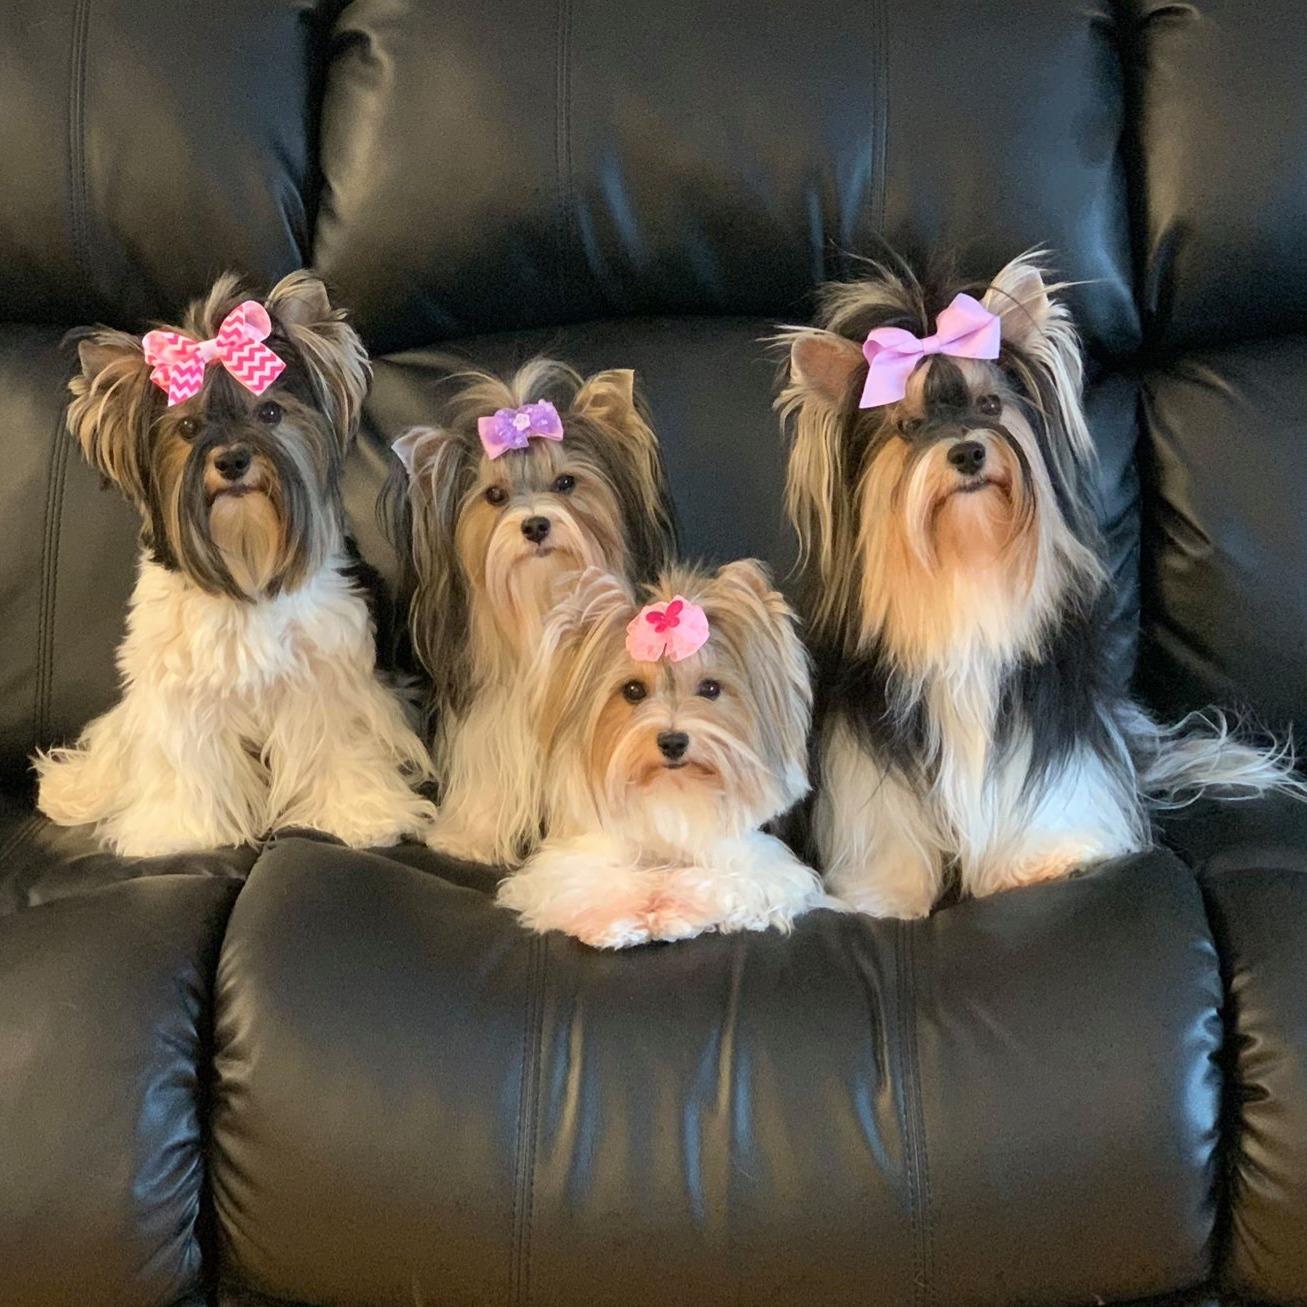 Alice,Hayden,Dee,Vicky